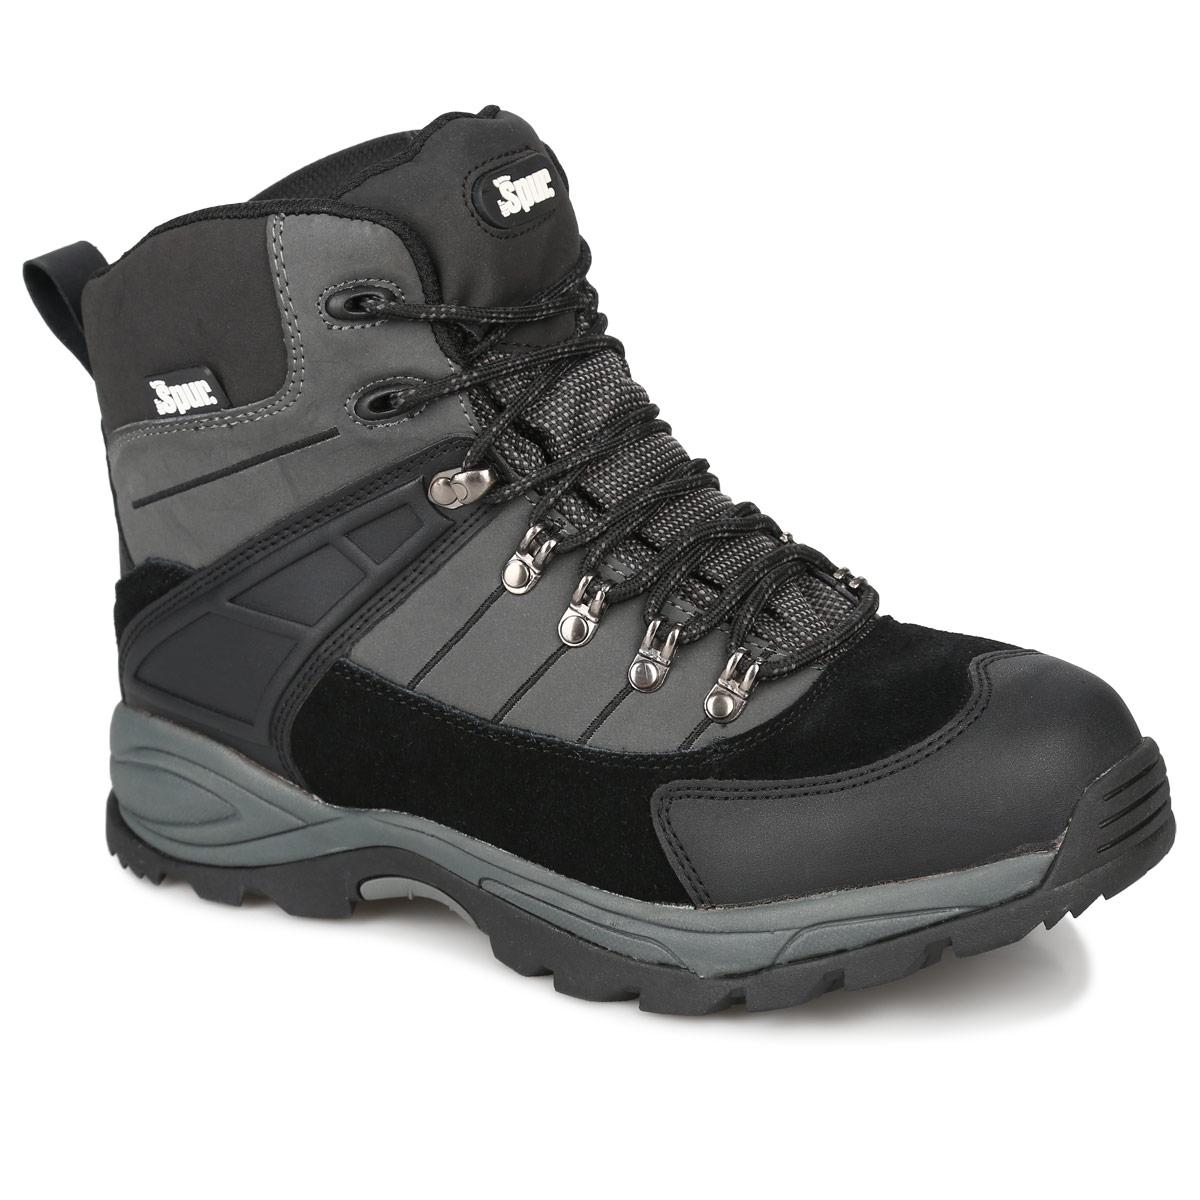 Ботинки мужские. 1SP_09-A201SP_09-A20Стильные ботинки от Spur идеально подходят для ношения в городе в холодную погоду и для прогулок. Модель выполнена из спилока и искусственной кожи. На мыске имеется защитная накладка, защищающая ногу от ударов. Задник оснащен петелькой для удобства надевания ботинок. Шнуровка позволяет надежно фиксировать модель на ноге. Подкладка и стелька из шерсти сохранят ваши ноги в тепле. Агрессивный протектор подошвы обеспечит отличное сцепление с поверхностью в любых условиях. В них вашим ногам будет комфортно и уютно.